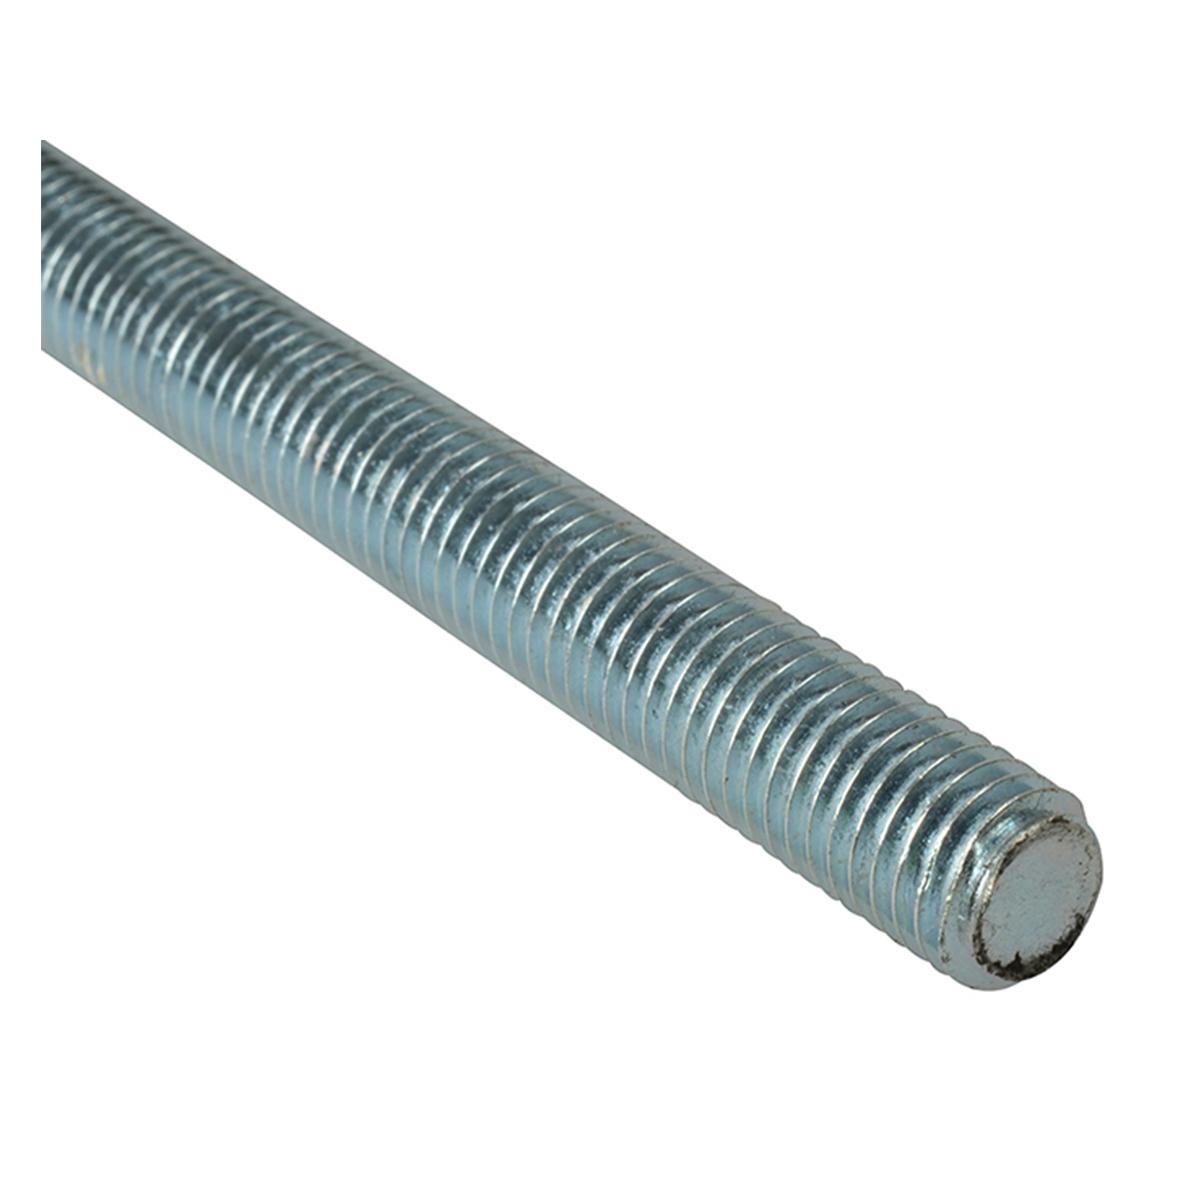 4.6 Zinc Plated Allthread 1 Metre